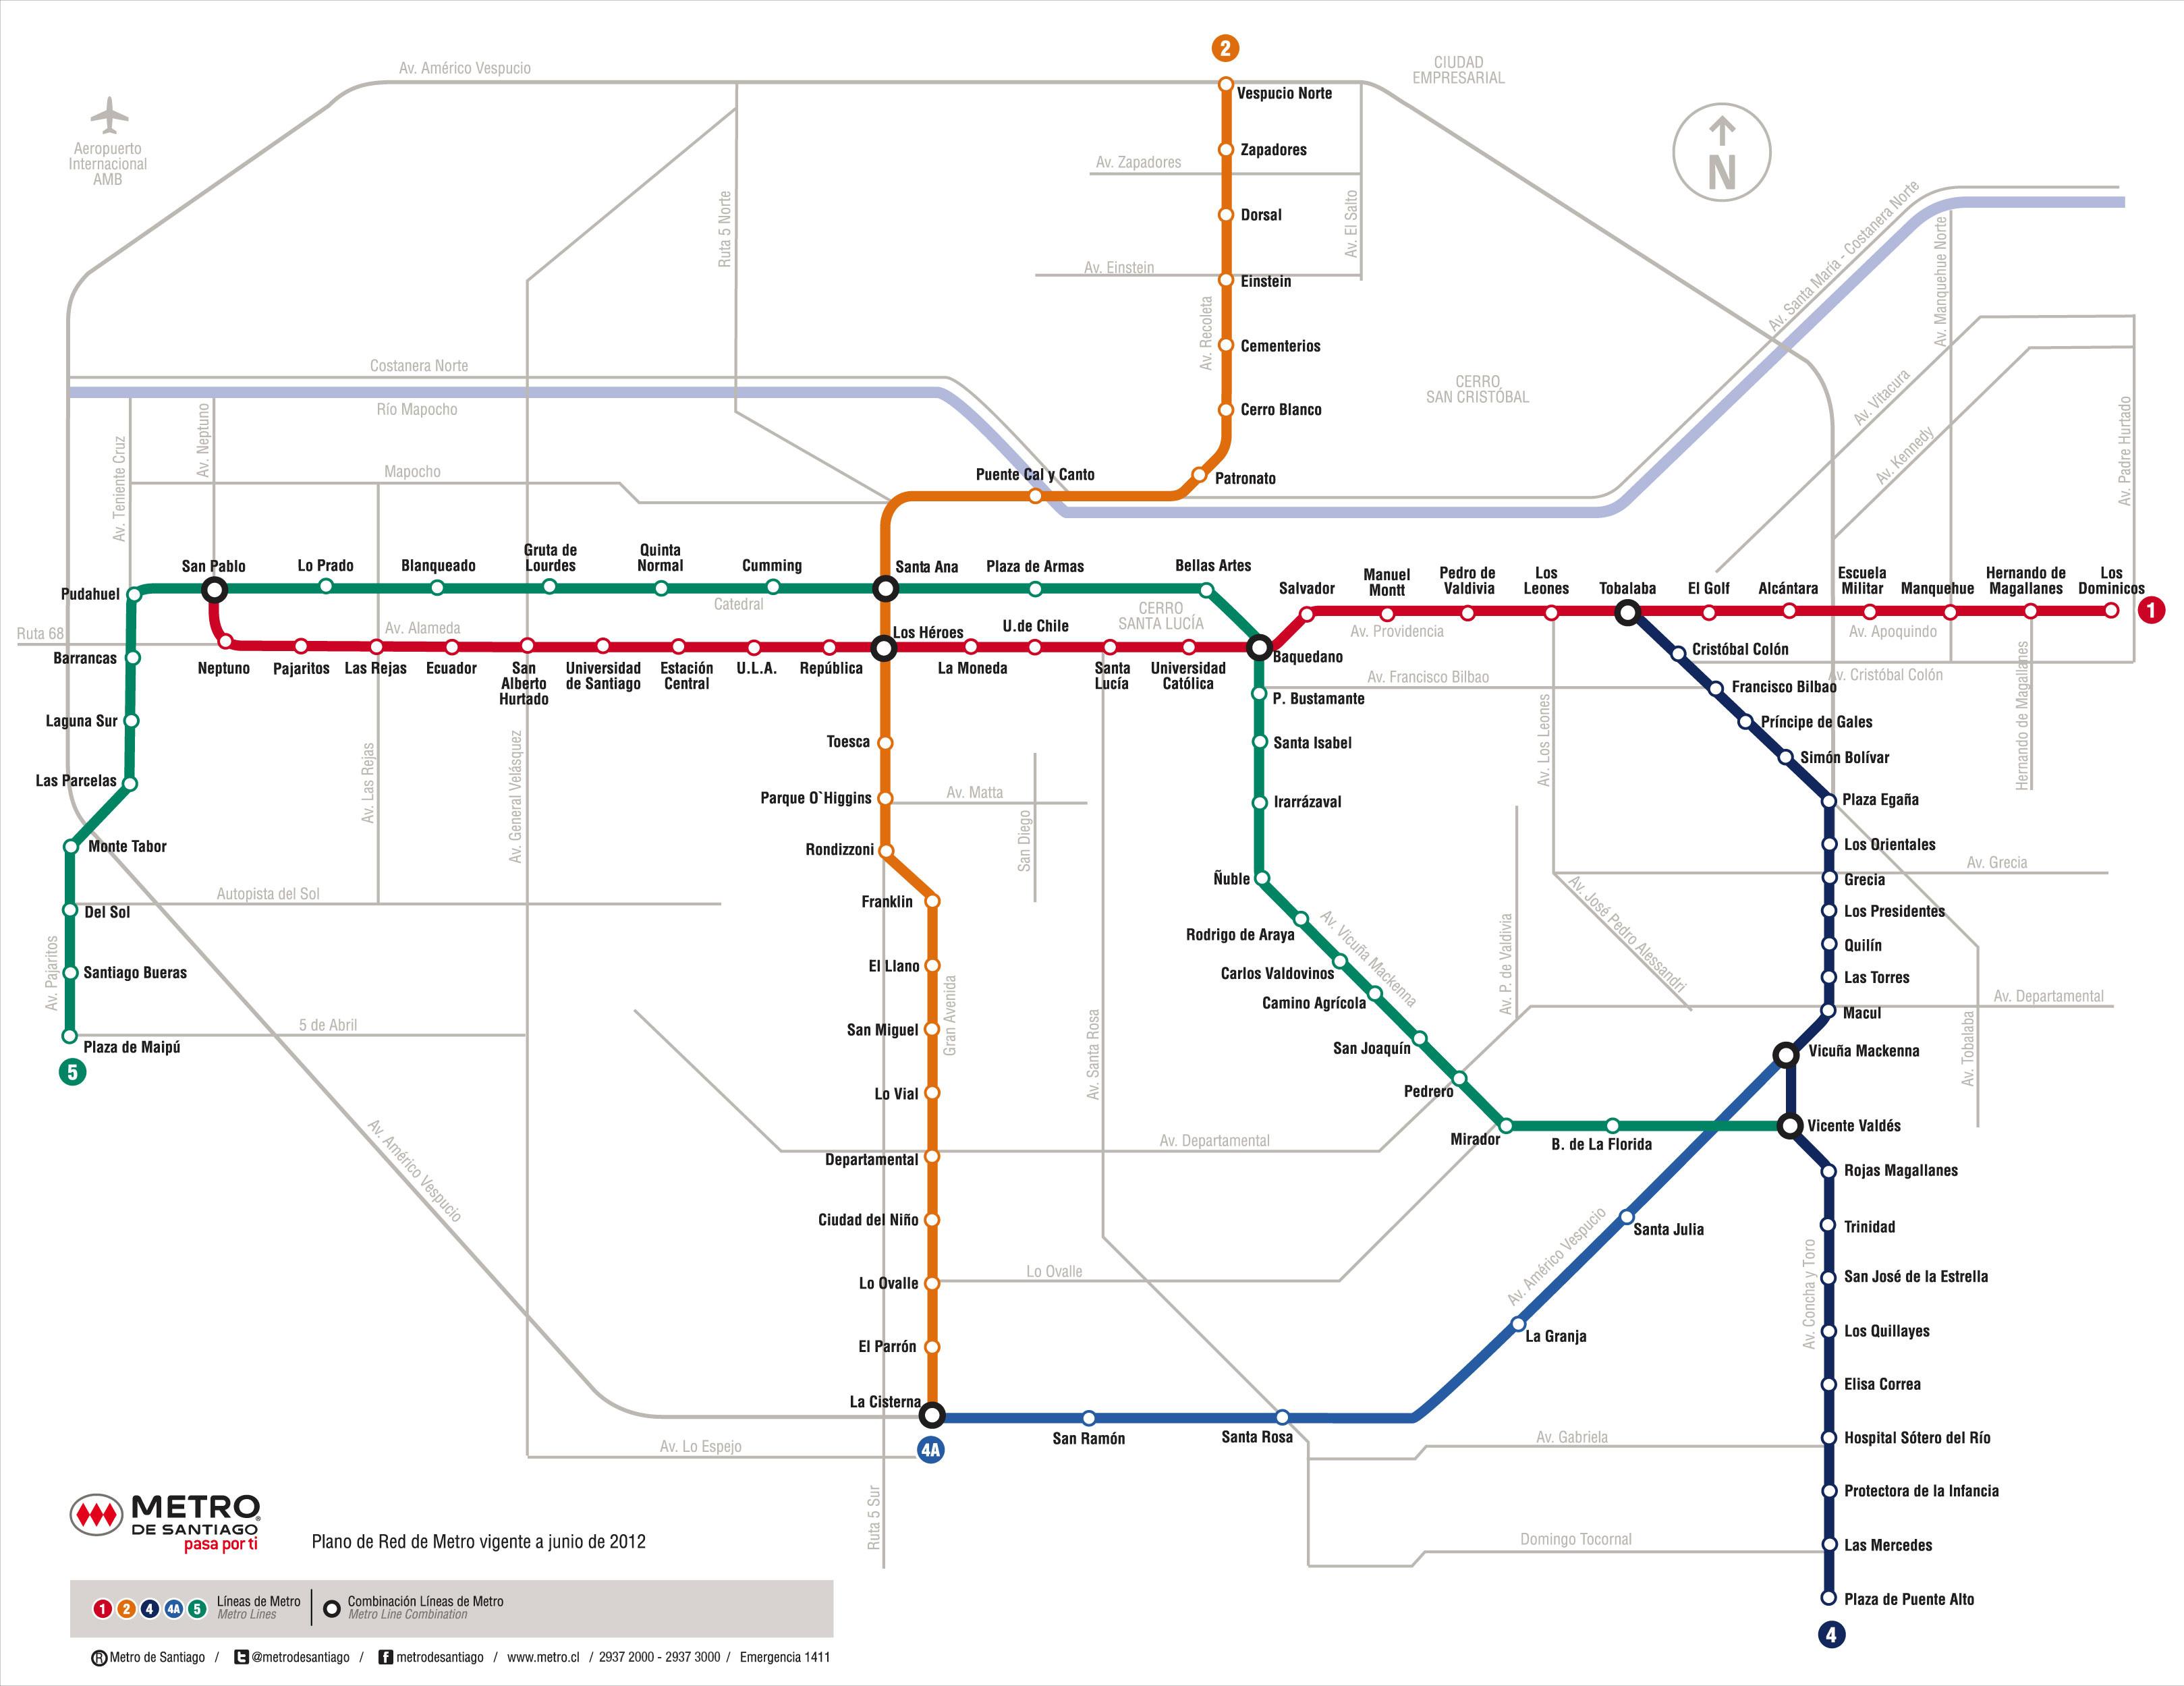 Mapa De Santiago De Chile Con Estaciones De Metro